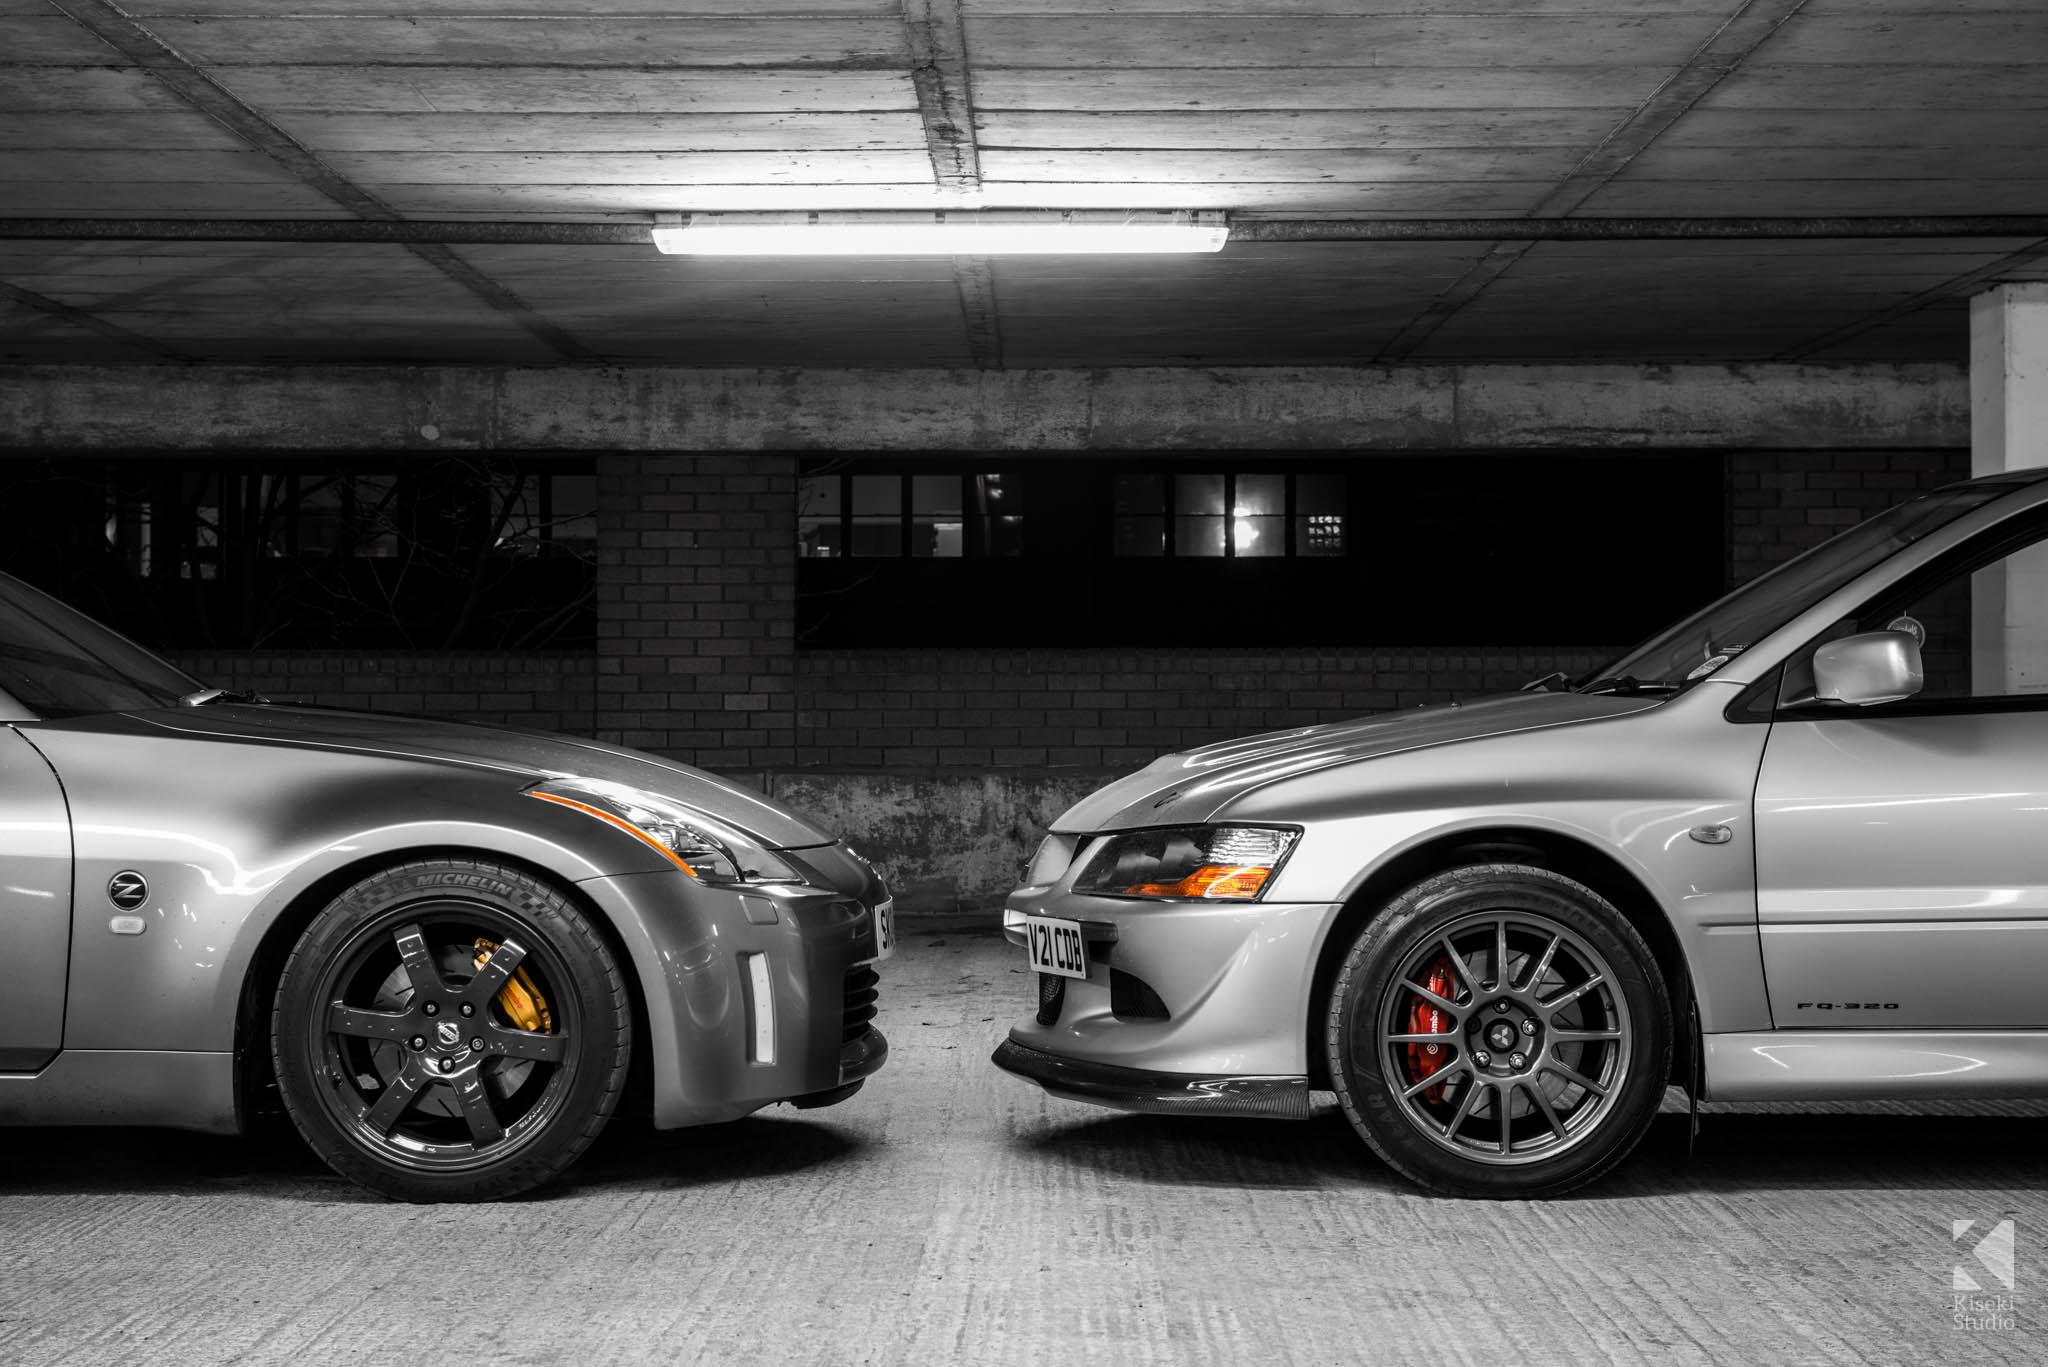 Nissan 350Z Z33 vs Mitsubishi Lancer Evolution 9 MR